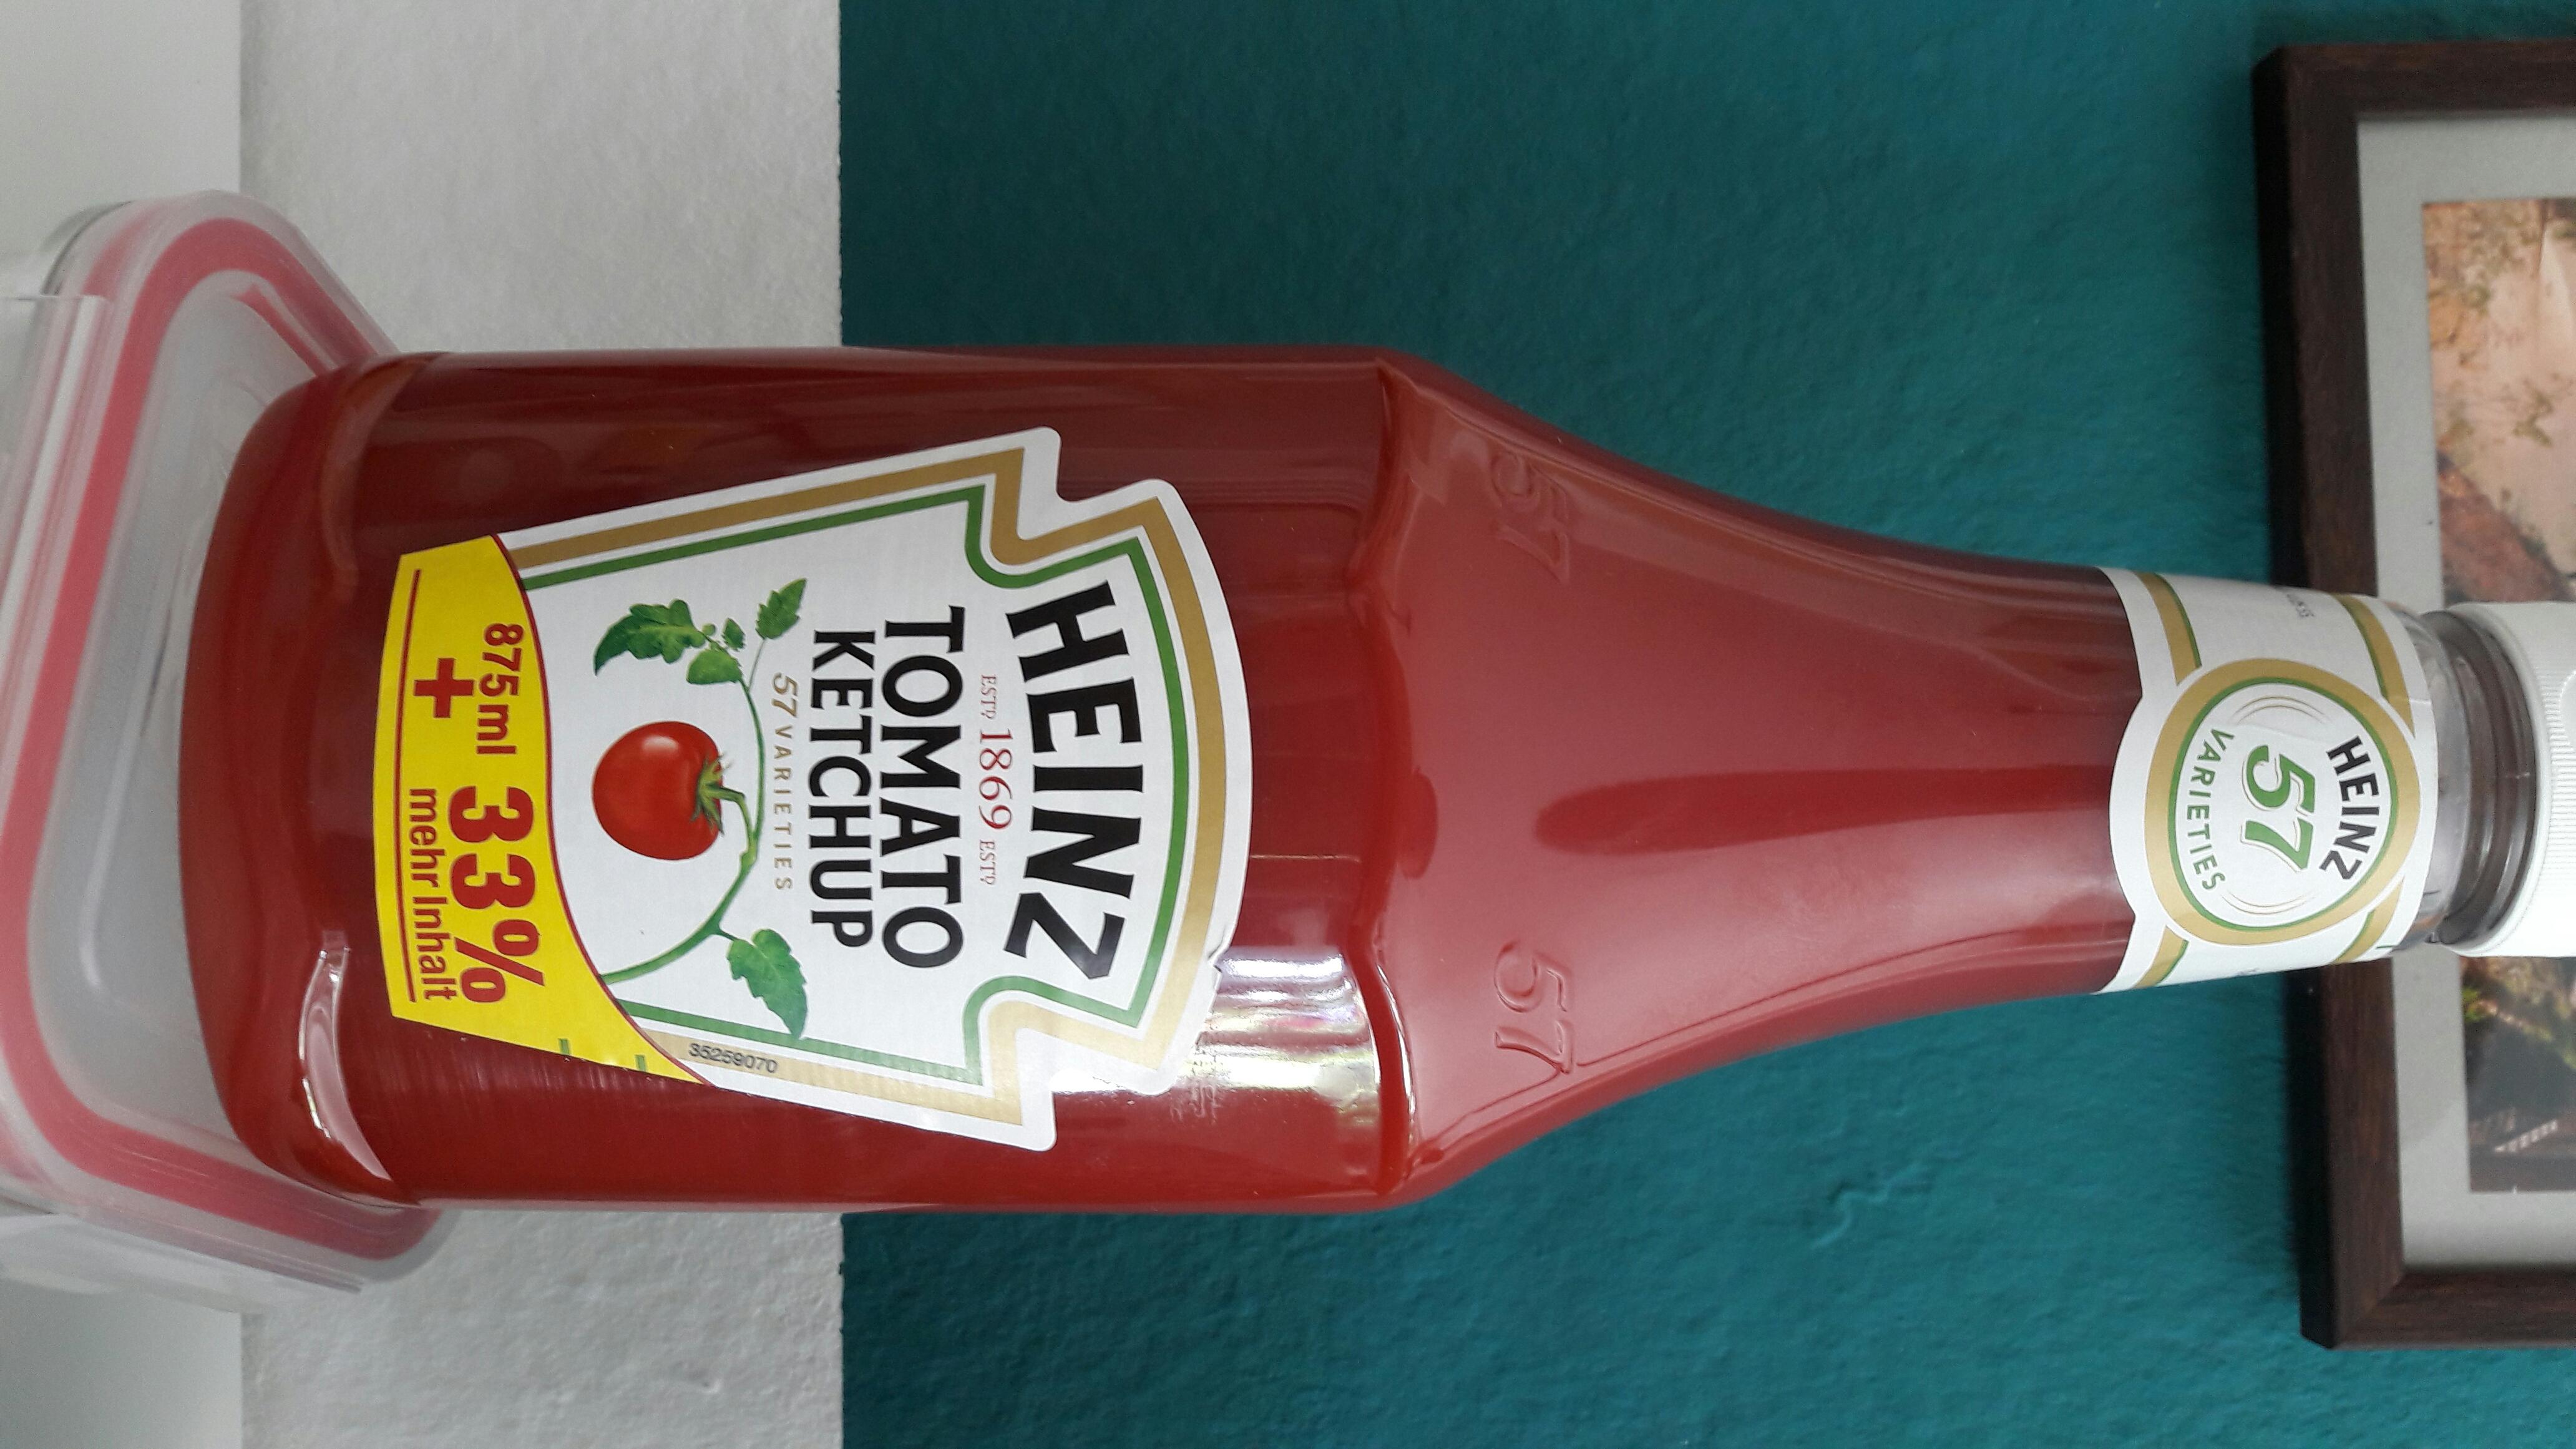 [Lokal?] Heinz Tomatenketchup 1,35 kg (1170ml) bei Aldi in Köln Dürenerstr. Bundesweit?